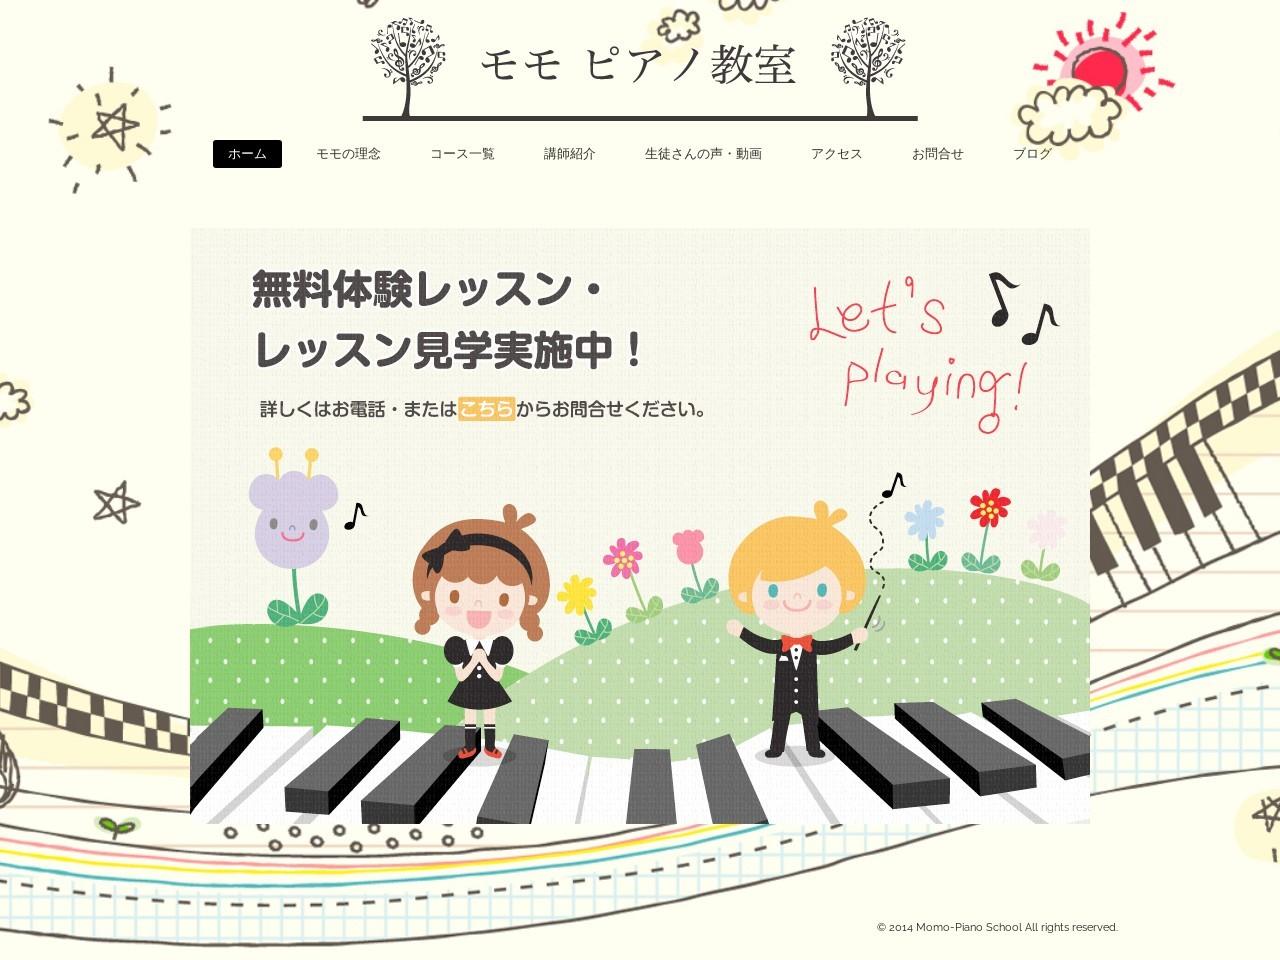 モモピアノ教室のサムネイル